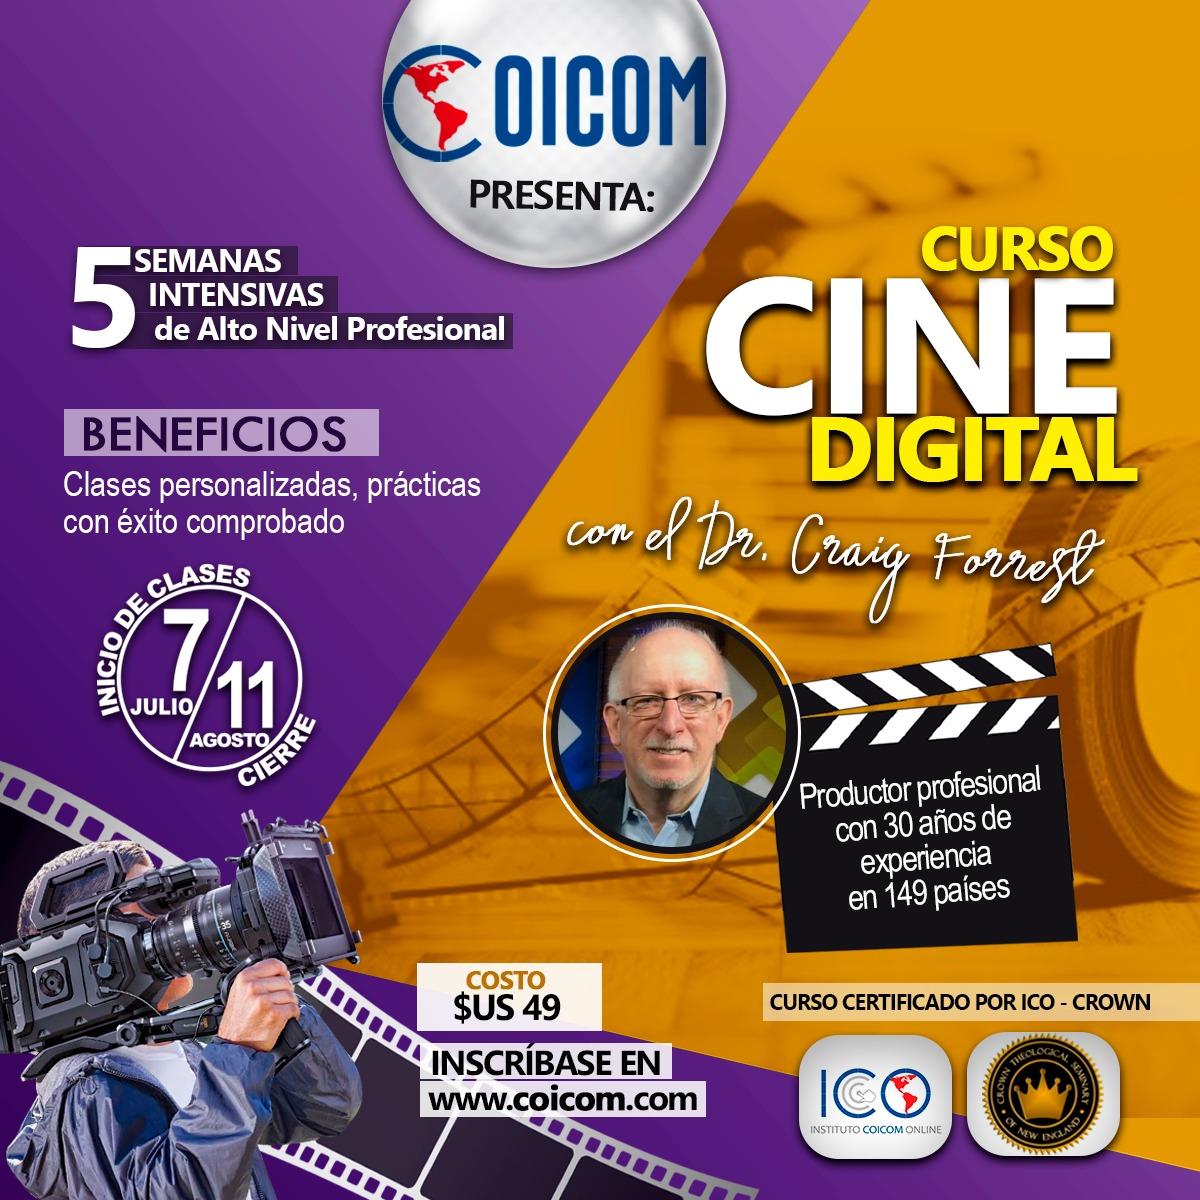 COICOM Y CROWN SEMINARY DIERON INICIO AL CURSO CINE DIGITAL CON CRAIG FORREST COMO FACILITADOR 2